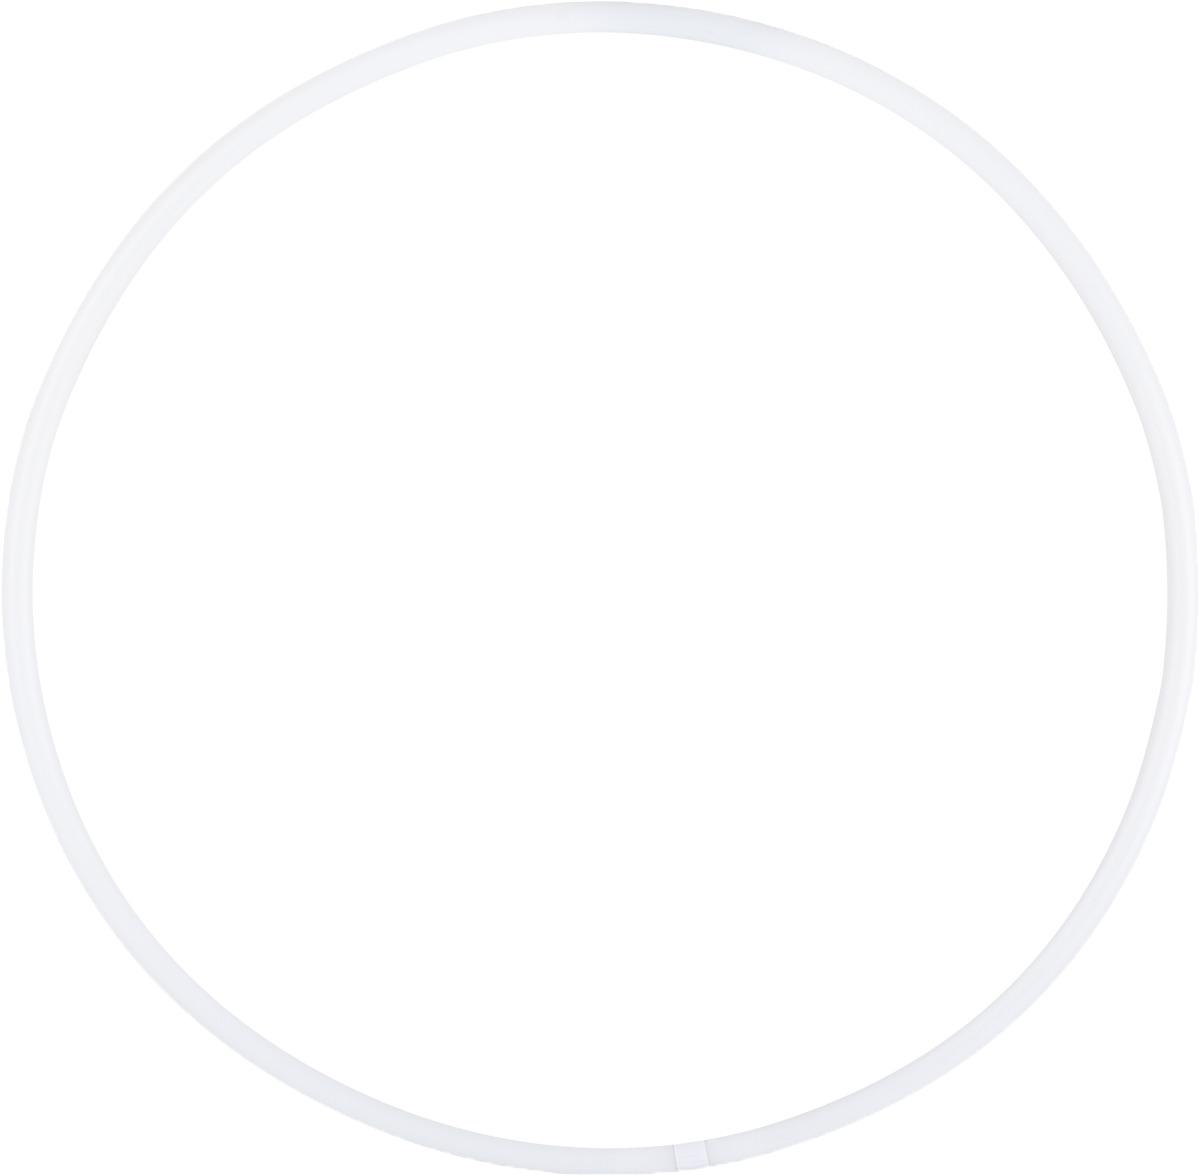 Обруч для художественной гимнастики Amely AGO-101, диаметр 85 см, цвет: белый обруч пластмастер 40040 диаметр 50 см цвет в ассортименте